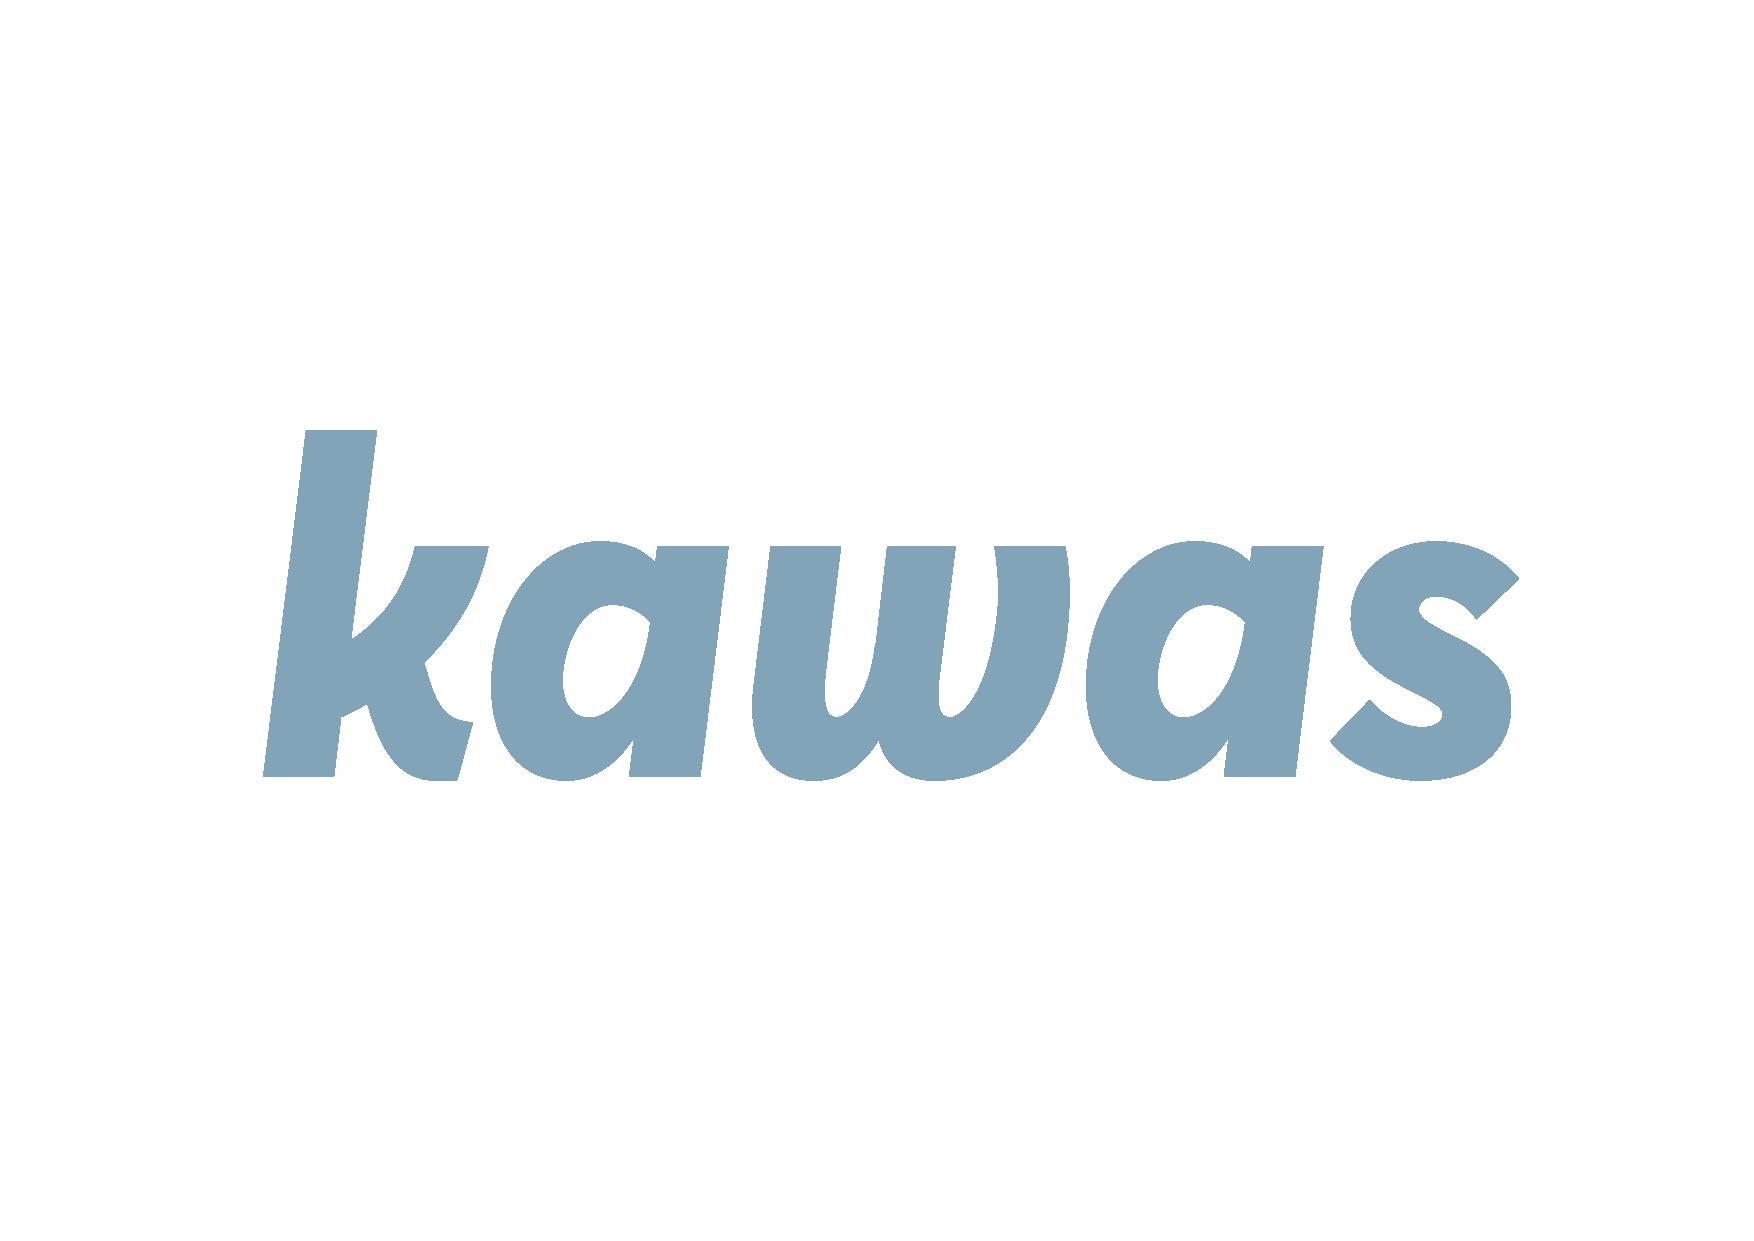 kawas